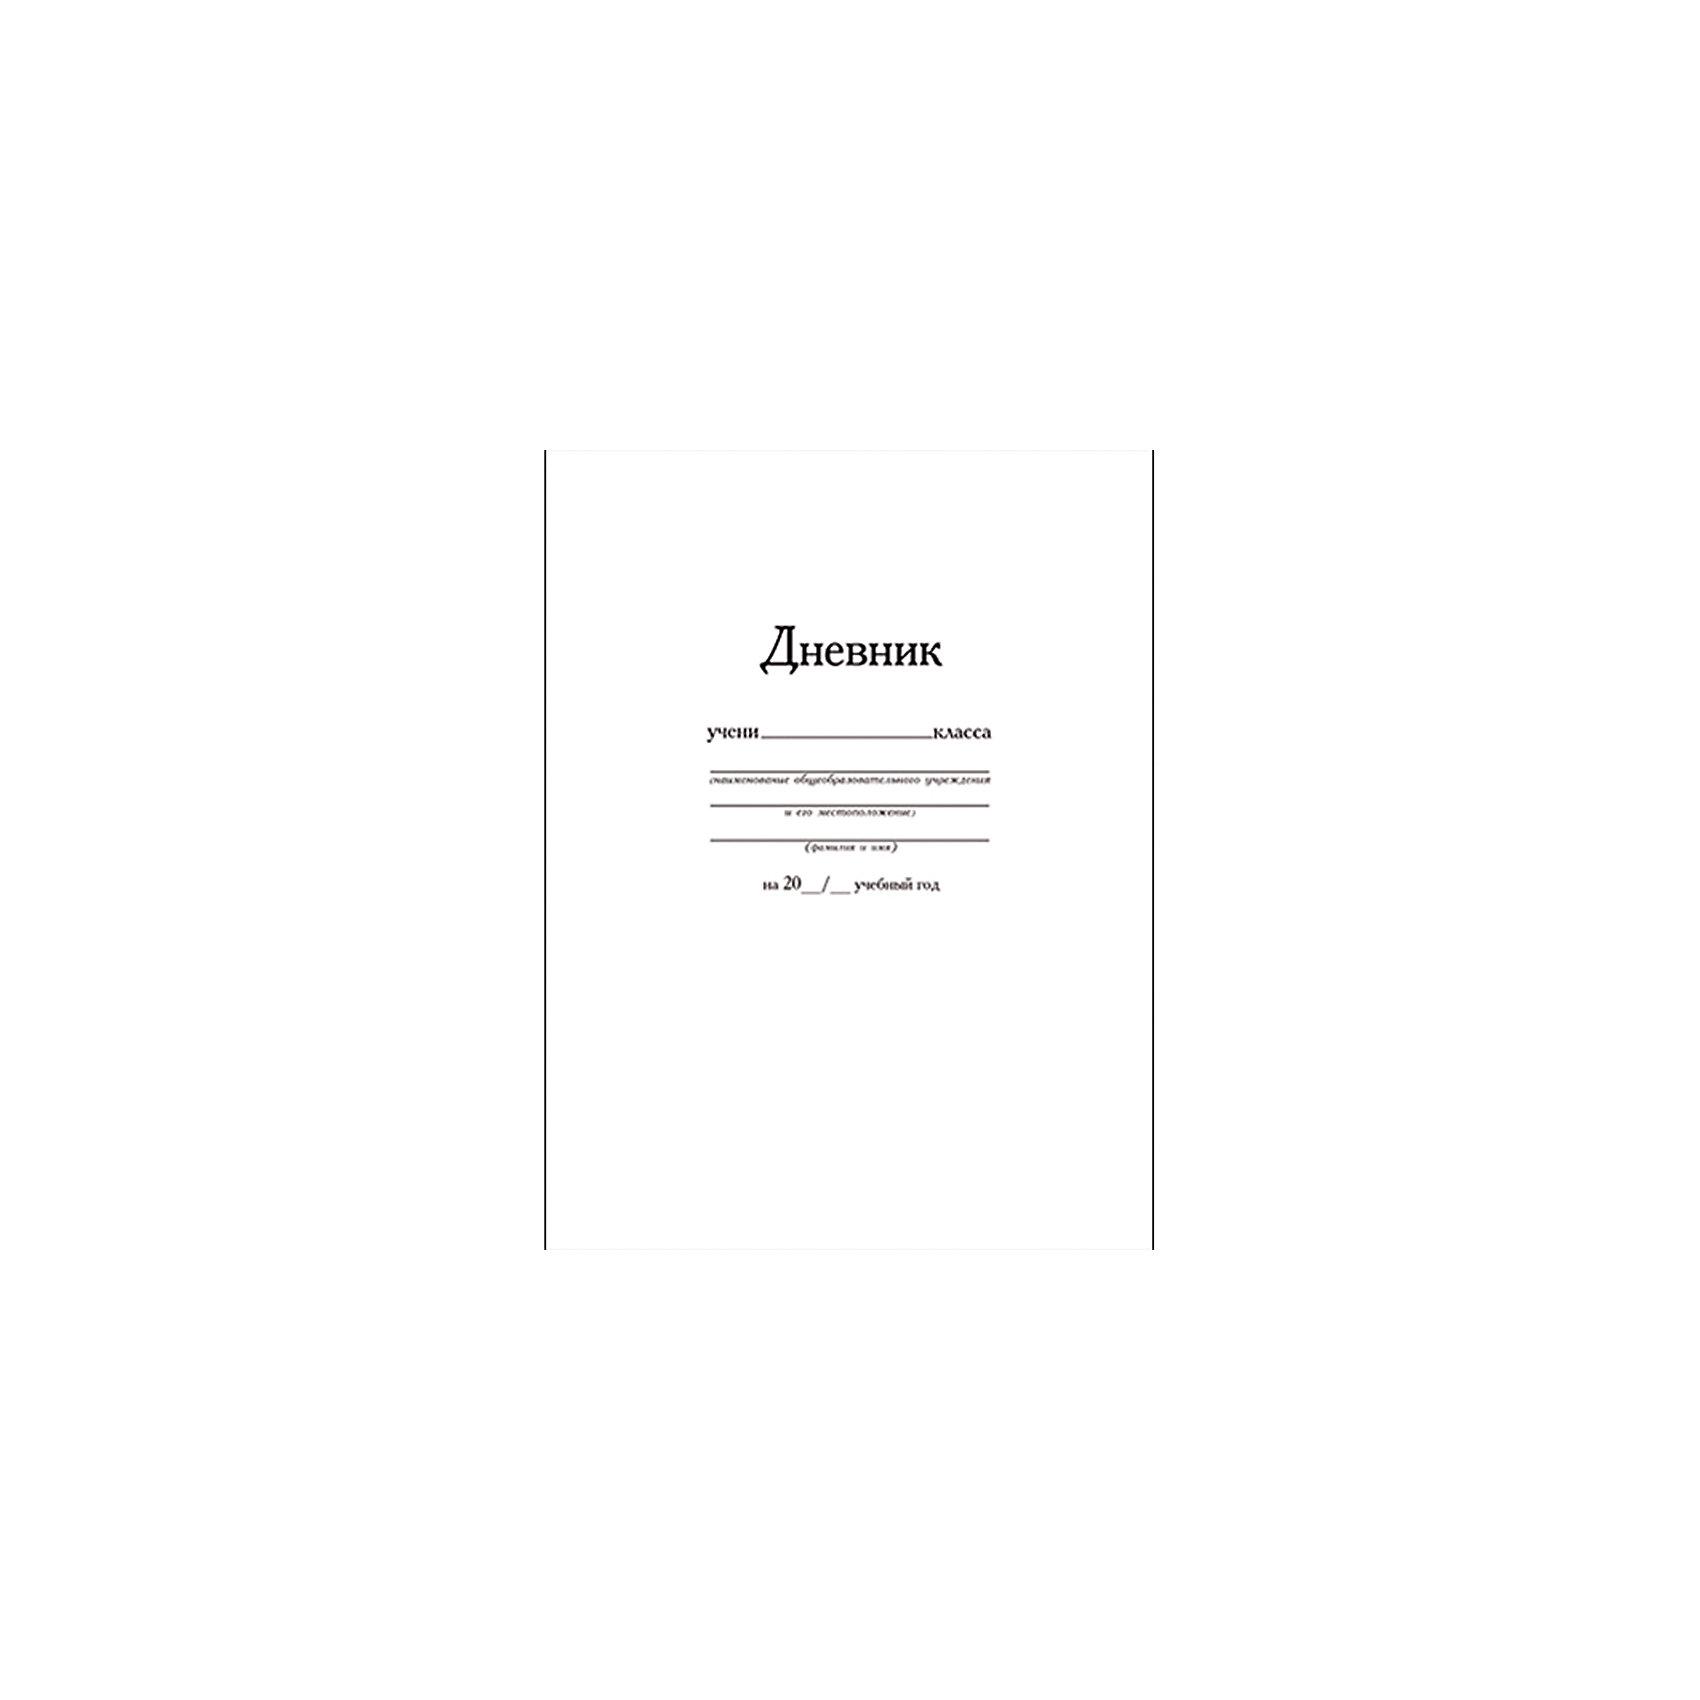 - Дневник для средних и старших классов, 48 листов б д сурис фронтовой дневник дневник рассказы